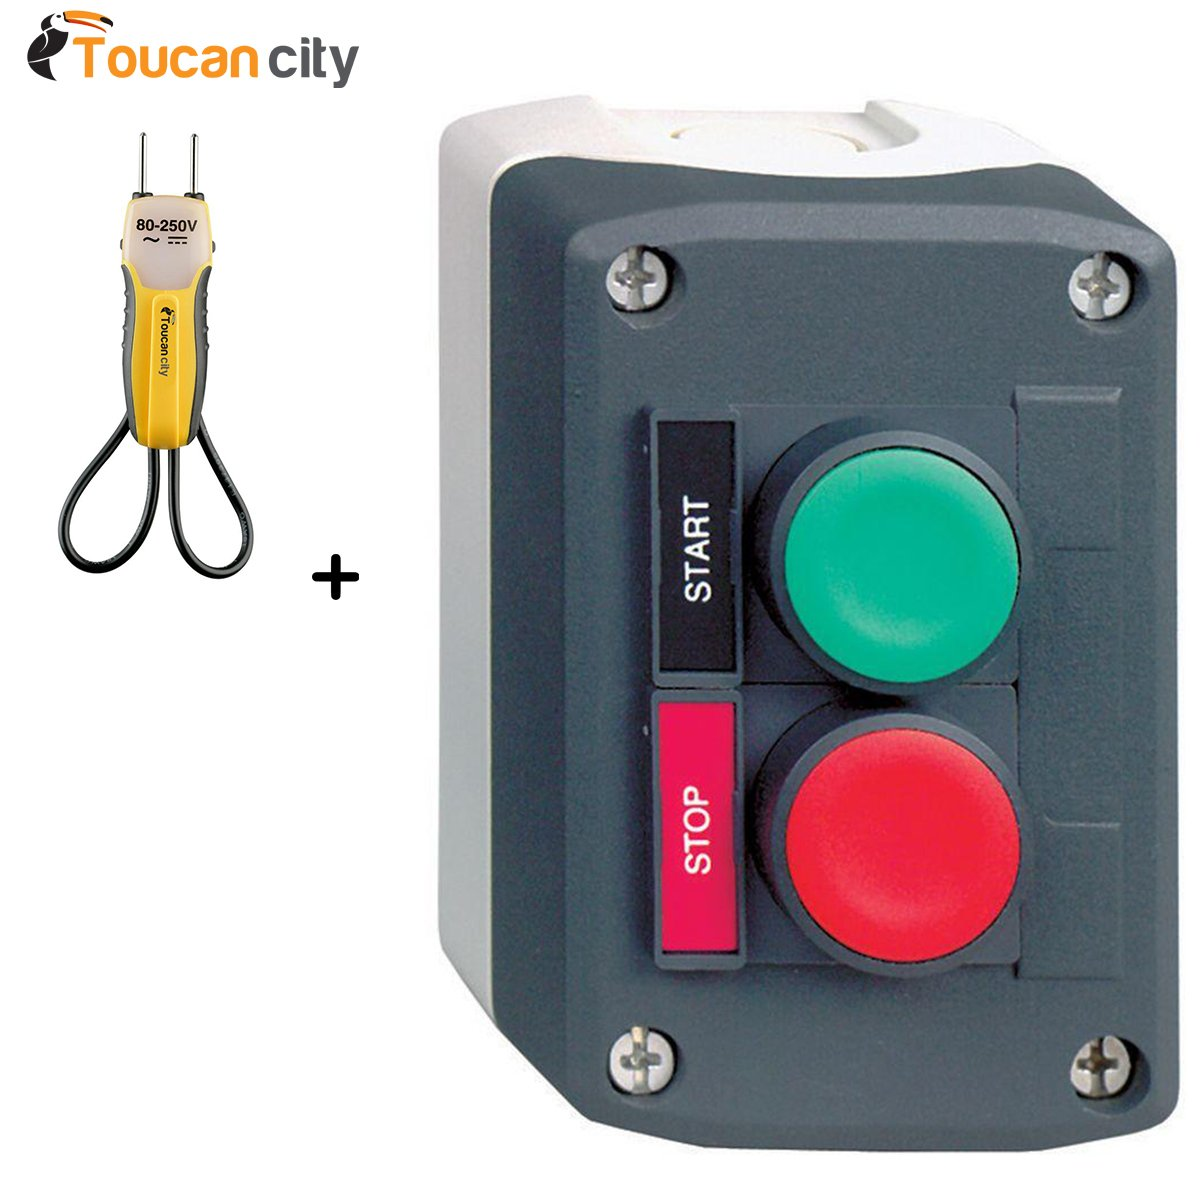 Toucan City - Tensiómetro y Schneider Eléctrico (22 mm, Interruptor de Botón de Encendido/Apagado, Estación de Control XALACS2): Amazon.es: Electrónica